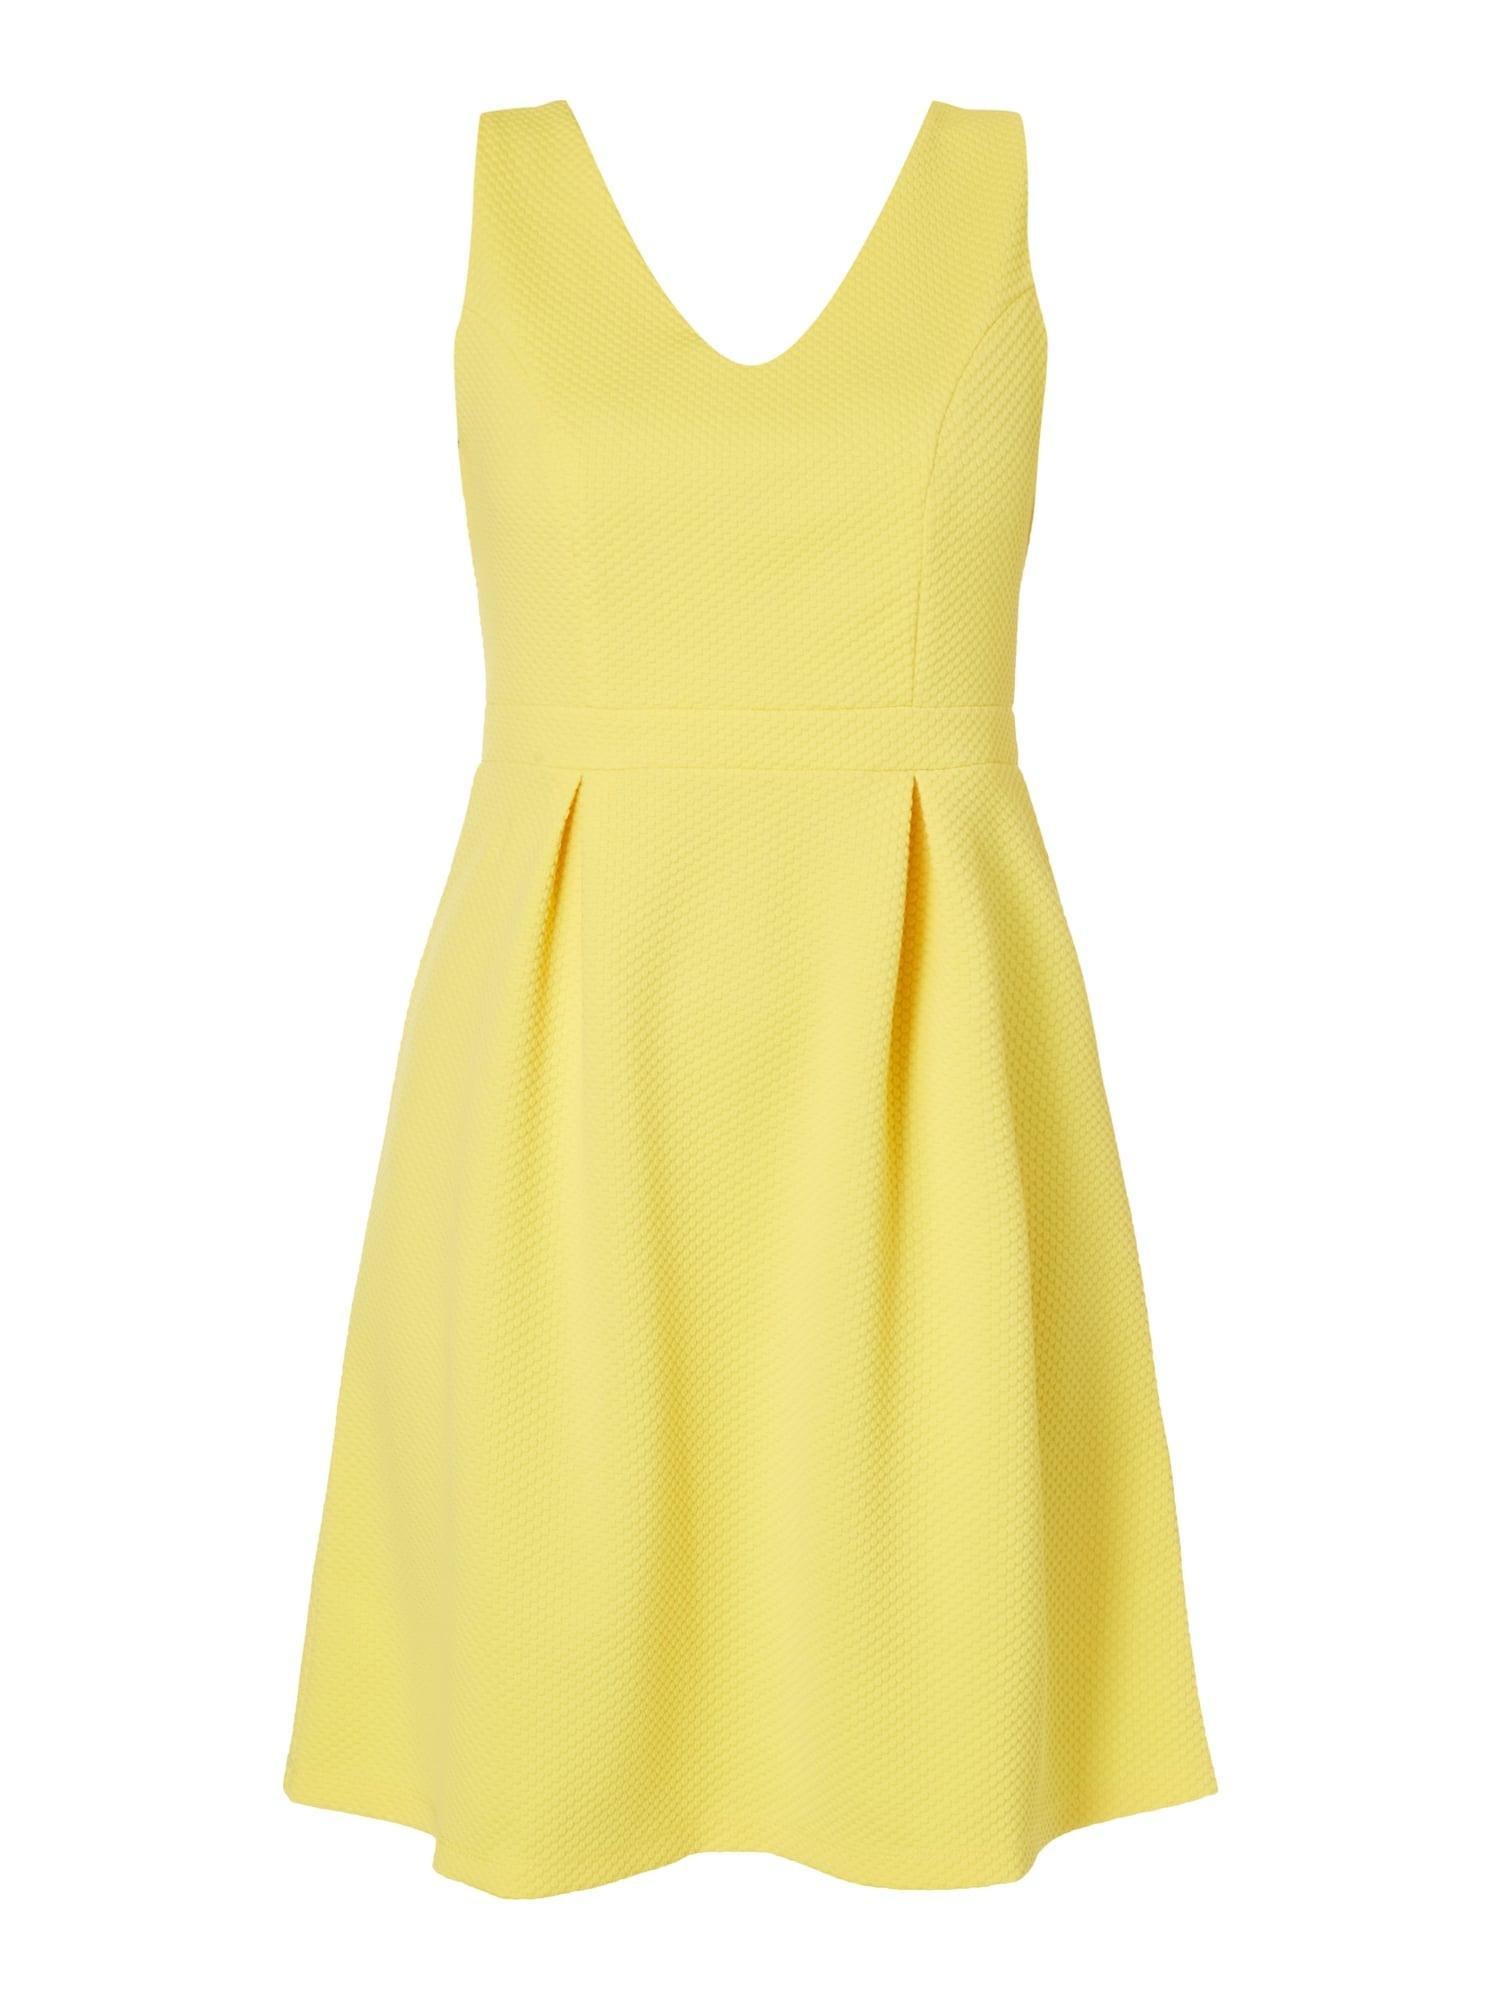 10 Genial Gelbes Festliches Kleid Boutique13 Spektakulär Gelbes Festliches Kleid Galerie